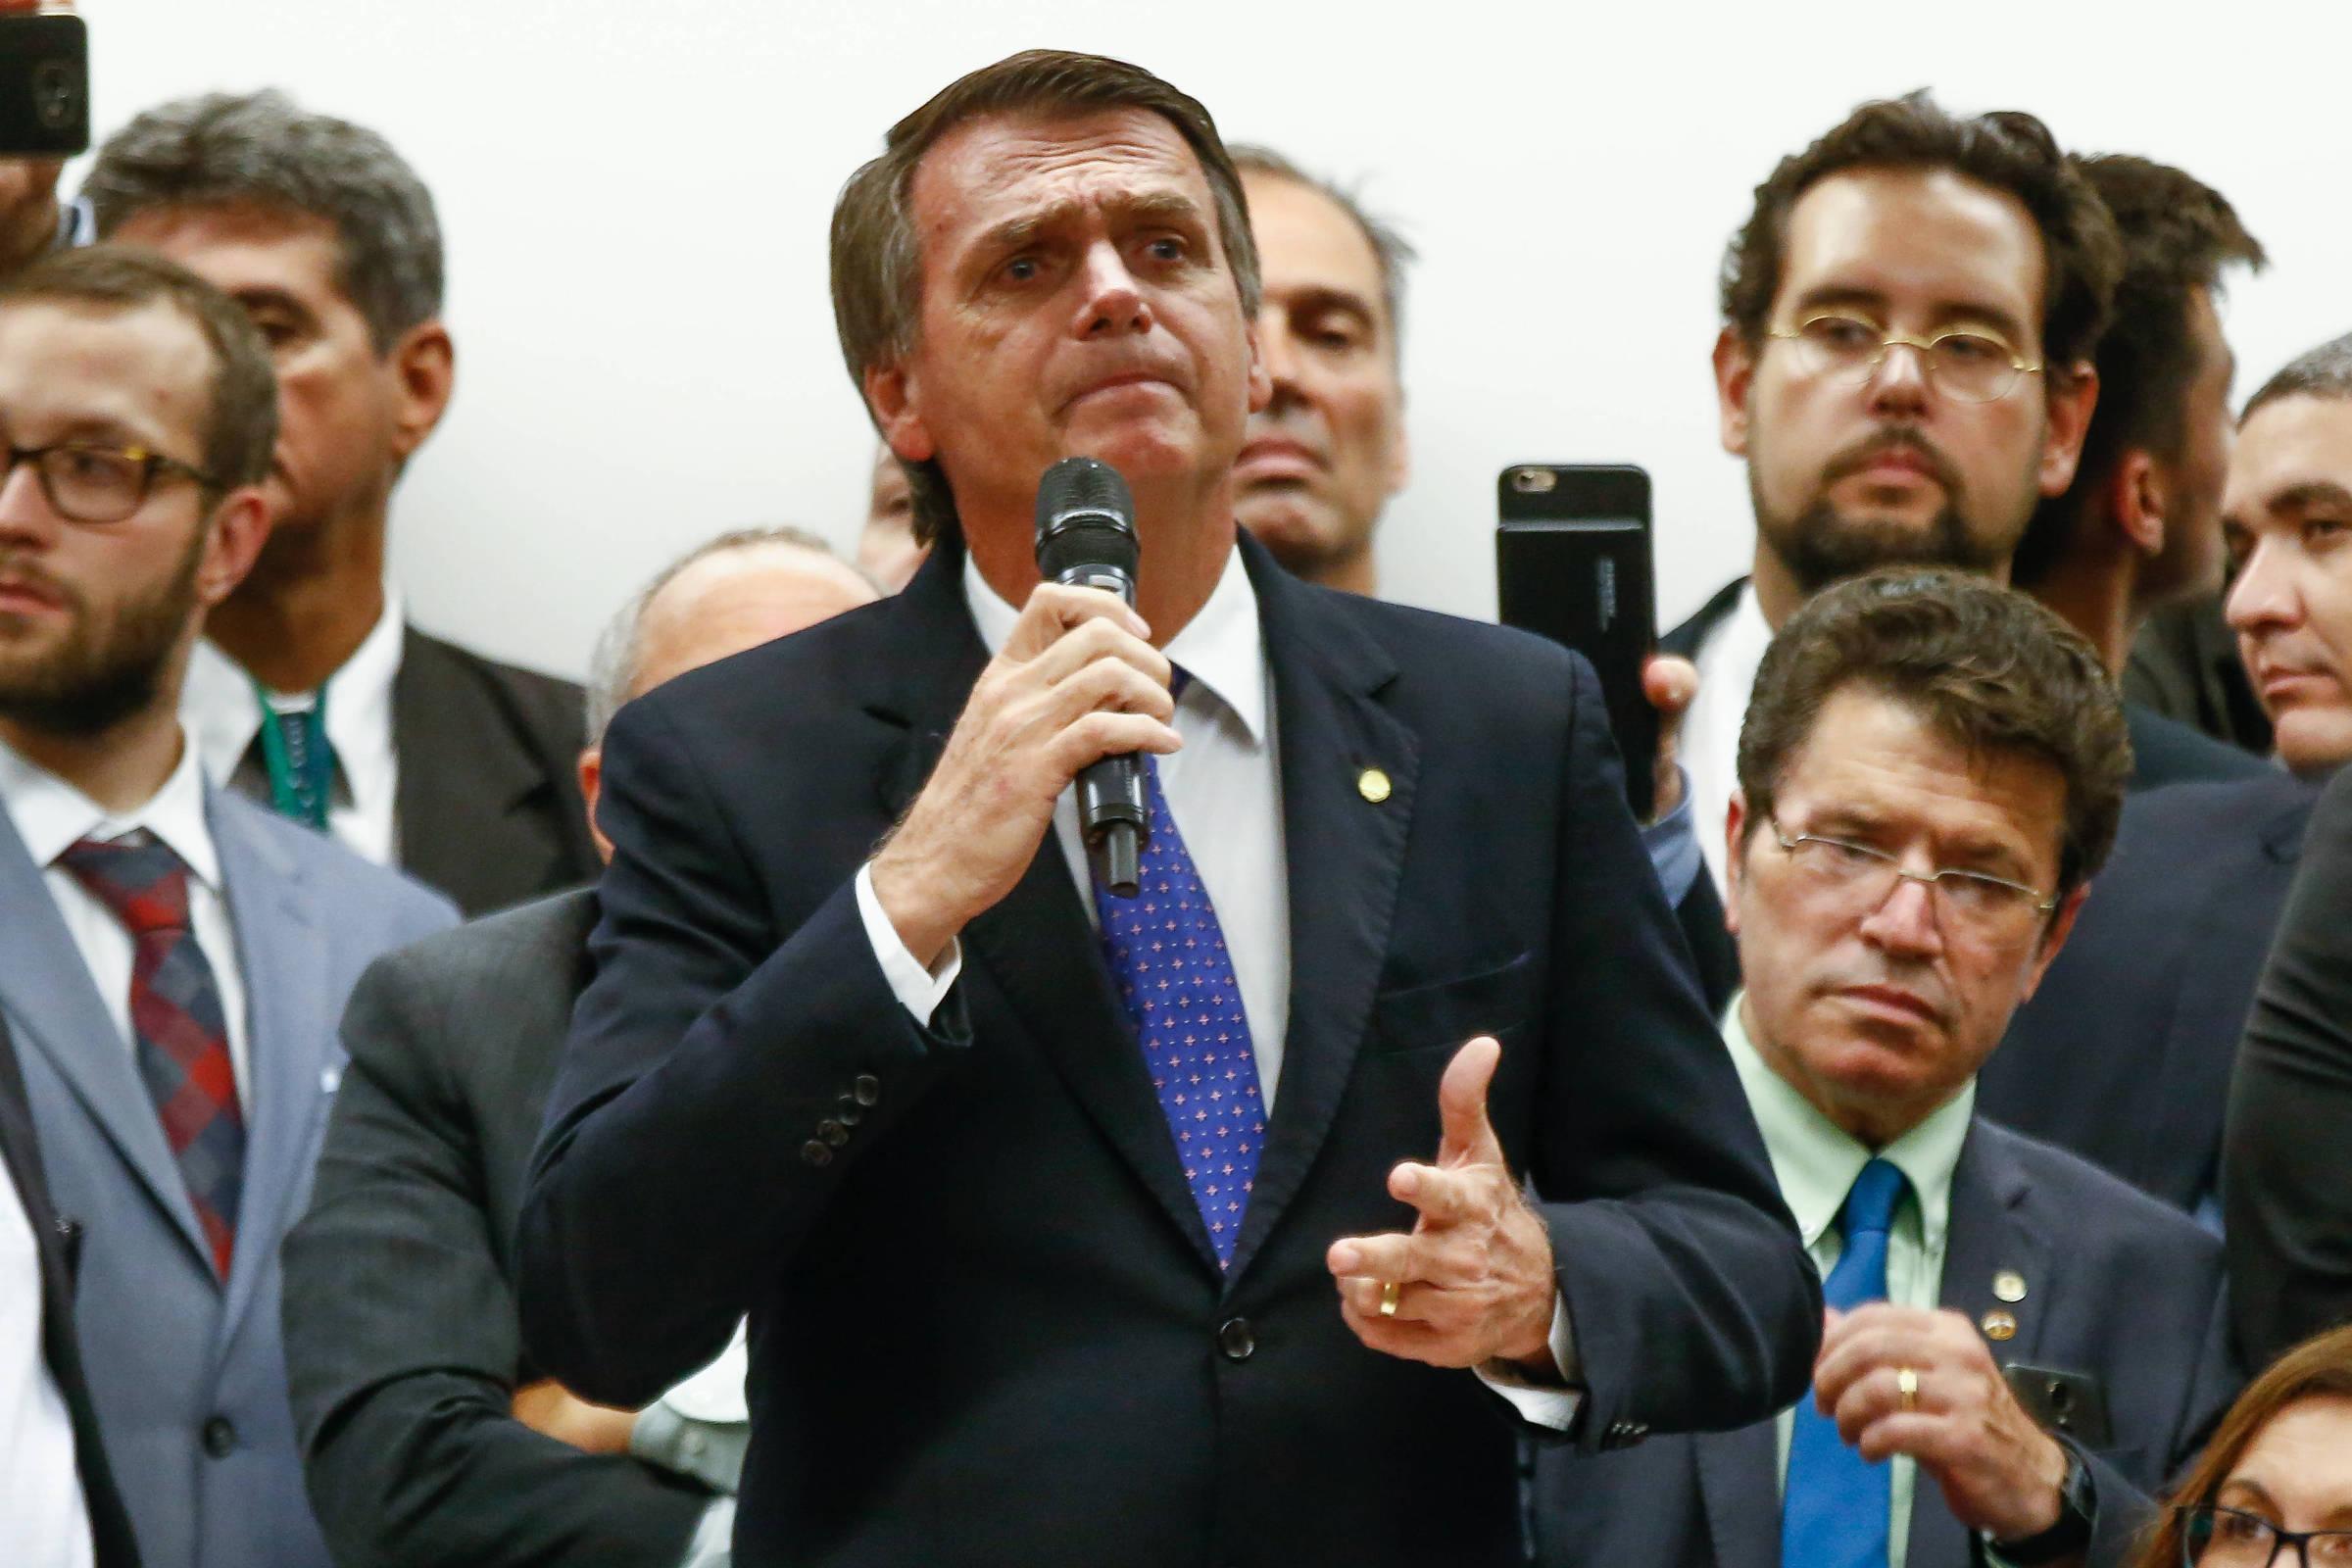 Partido de Bolsonaro | PSL terá meio bilhão de verba pública se fundo eleitoral for turbinado